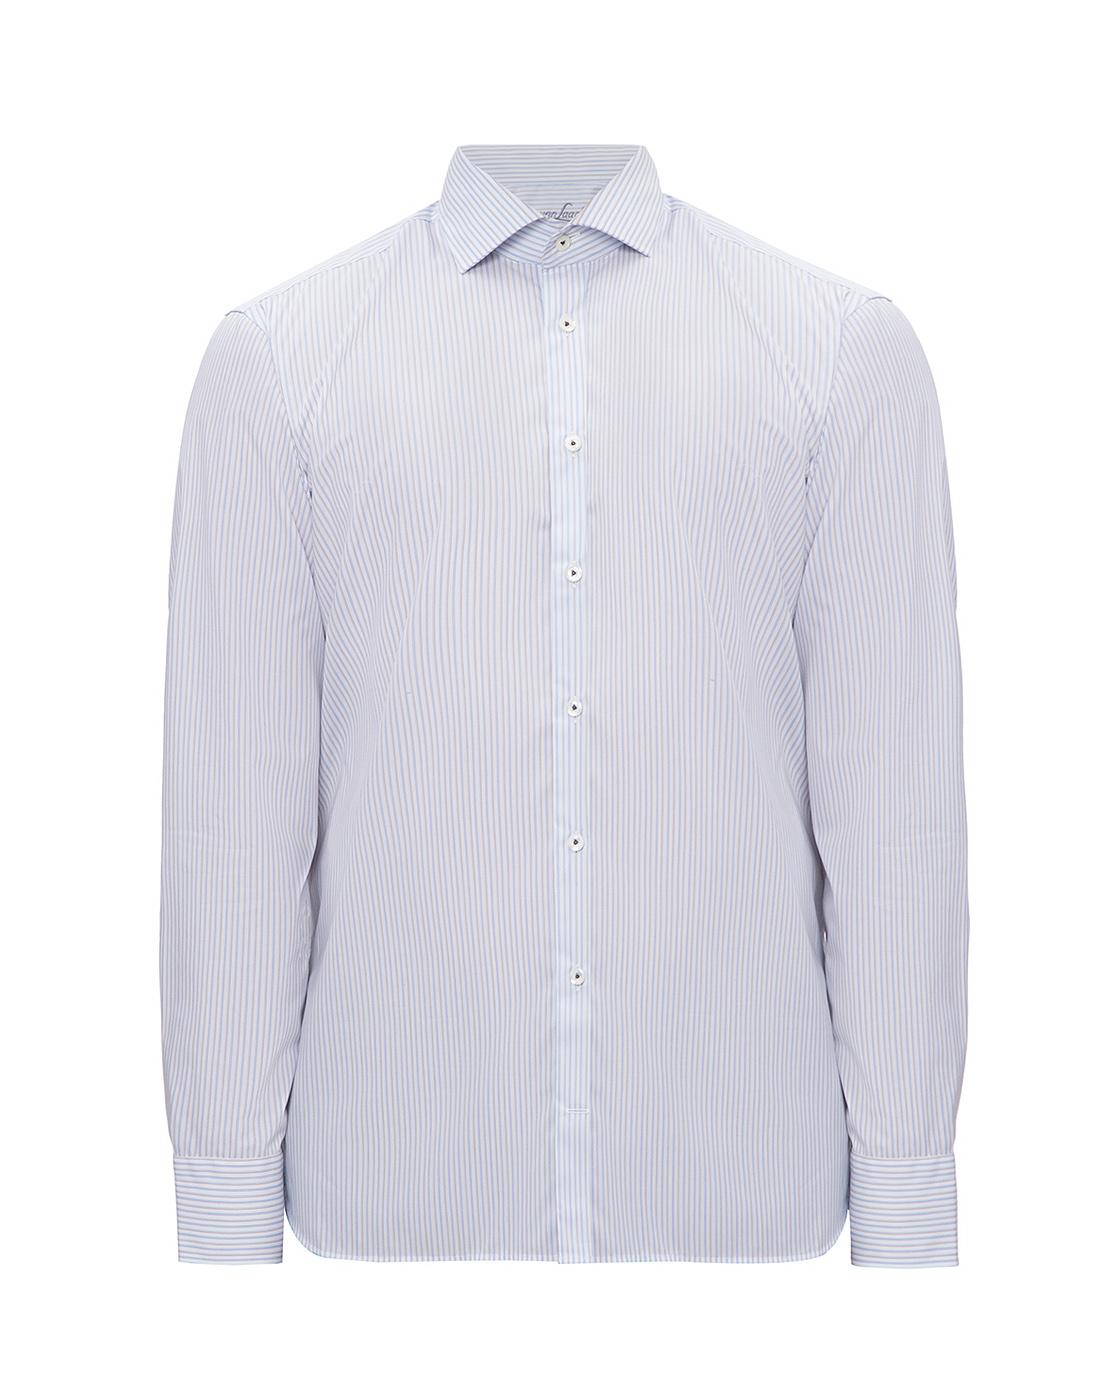 Мужская рубашка в полоску Van Laack SRIVARA-TFN 151570/007-1